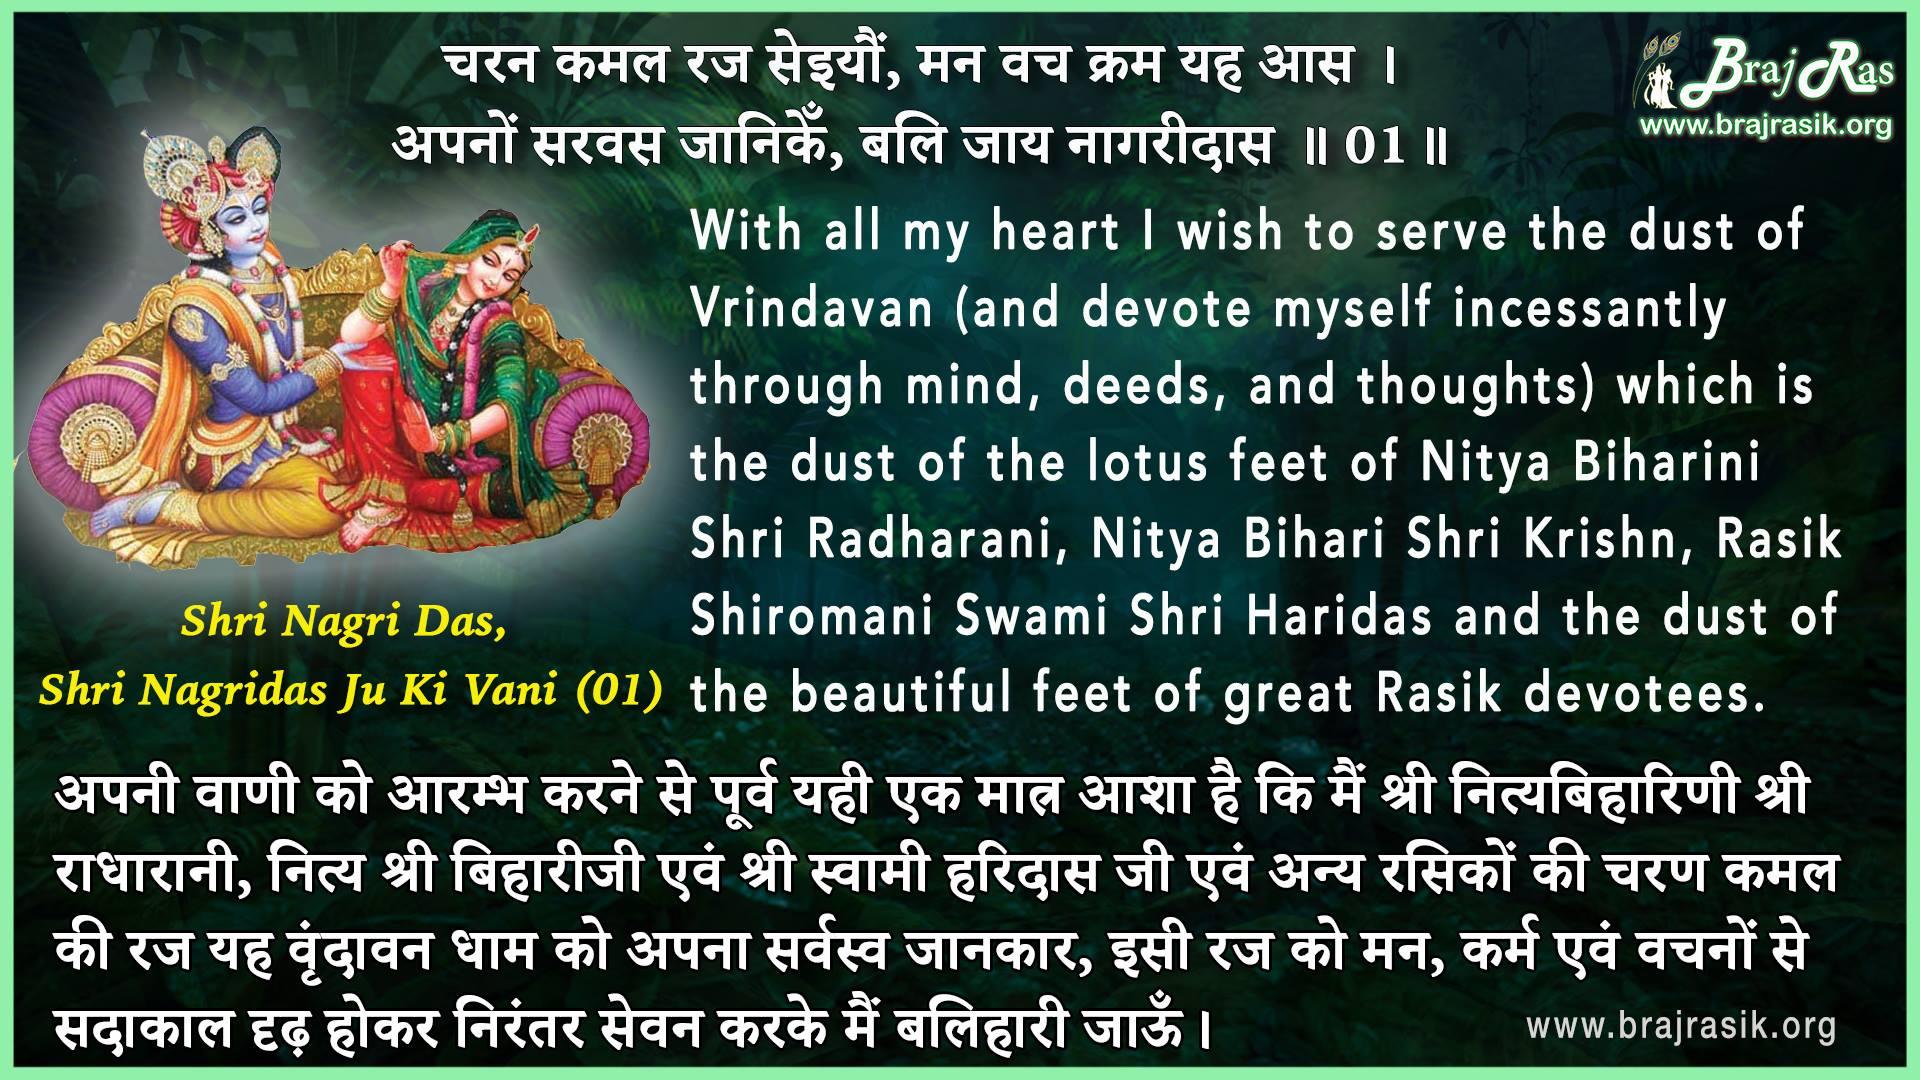 Charan Kamal Raj Seviyon, Man Vach Kram Yah Aas - Shri Nagri Dev Ju, Shri Nagri Dev Ju Ki Vani (01)